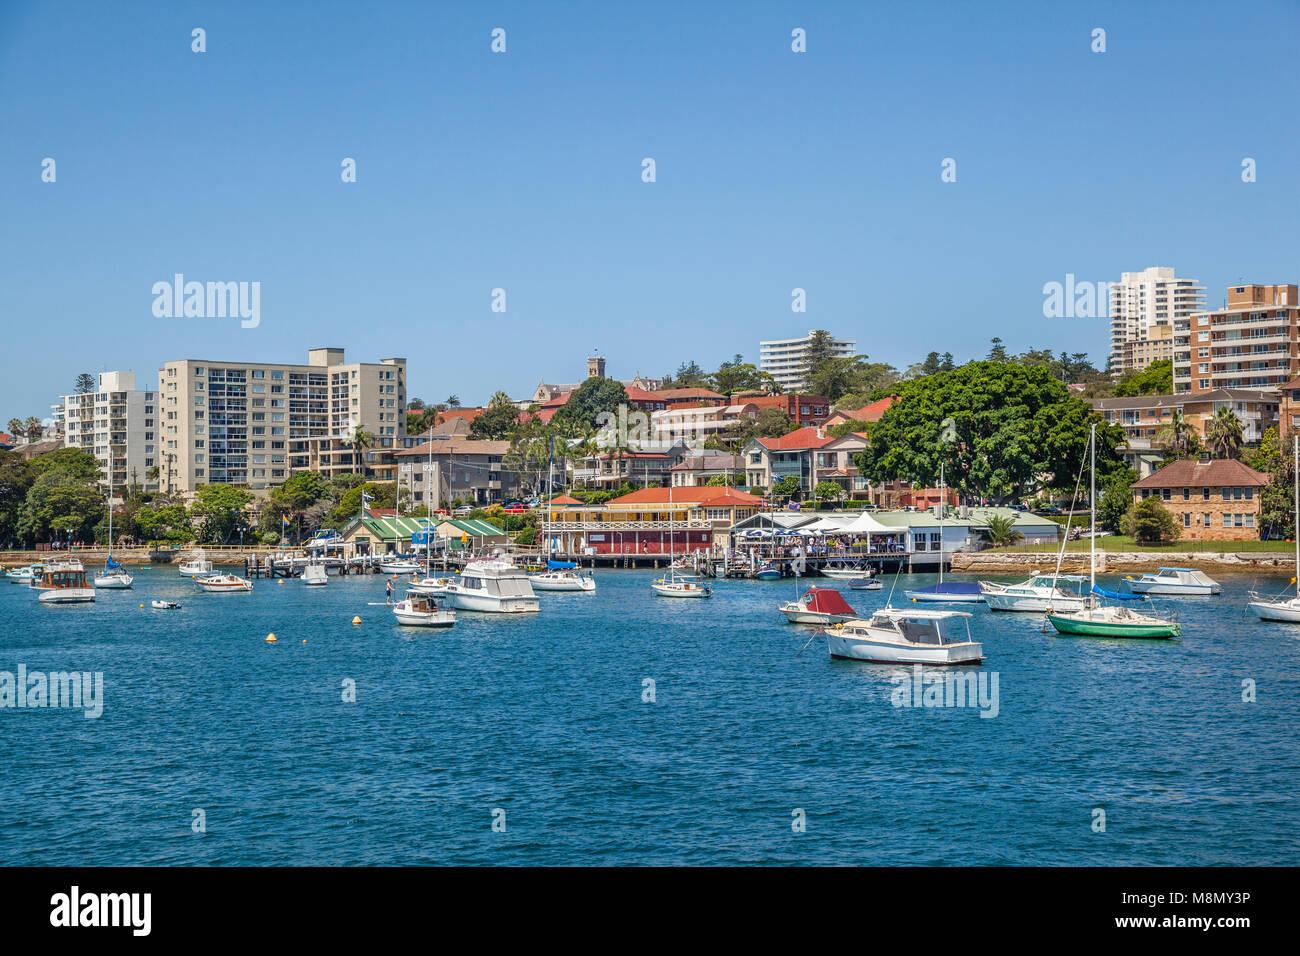 Australia, New South Wales, Sydney, playas del norte región, vista de Manly Cove con Esplande y varonil Yacht Imagen De Stock